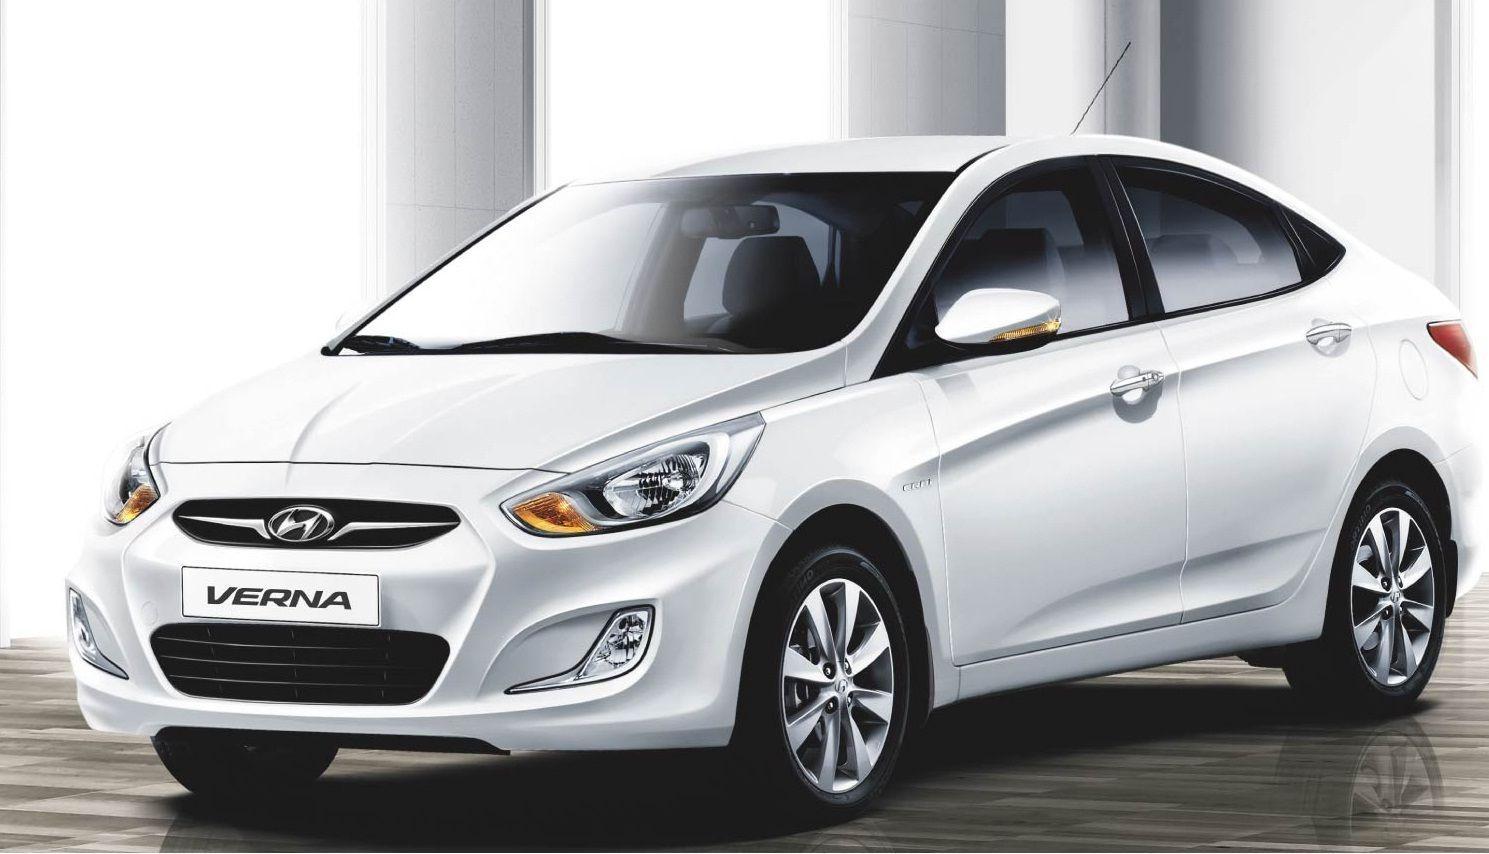 Hyundai Verna Wallpapers Wallpaper Cave